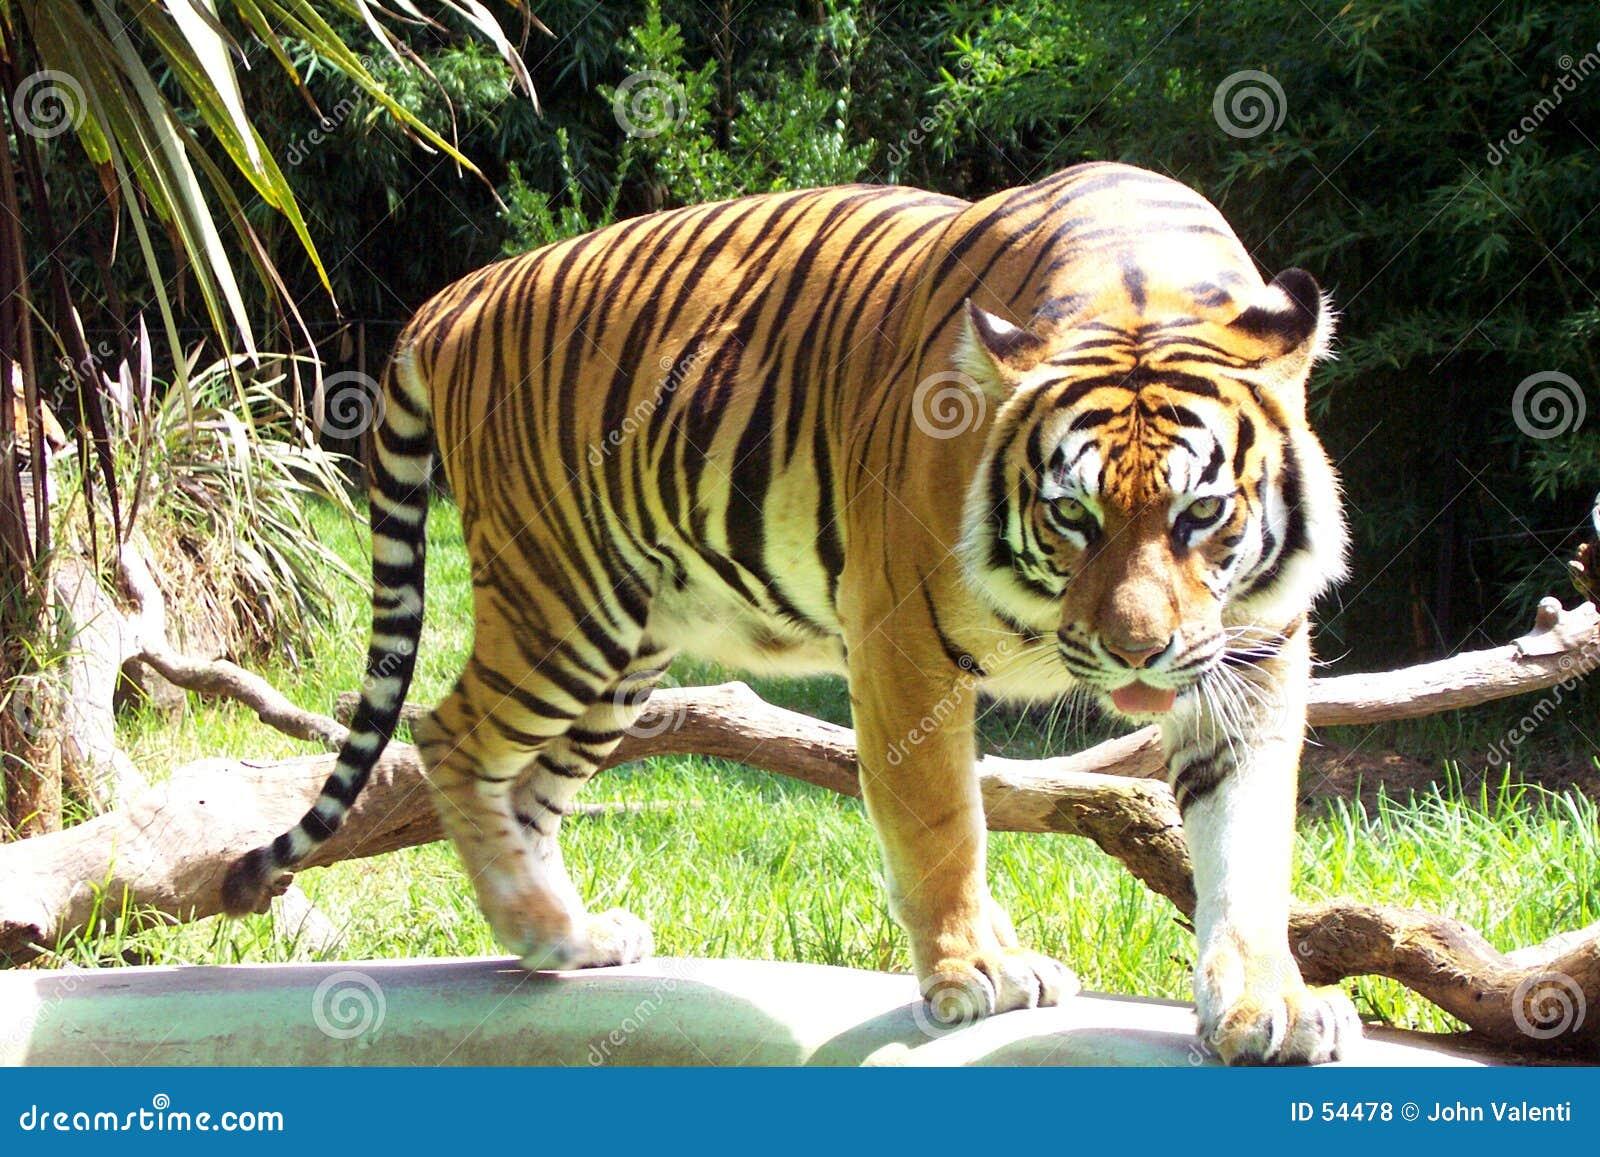 Tygrys sumatryjskiej